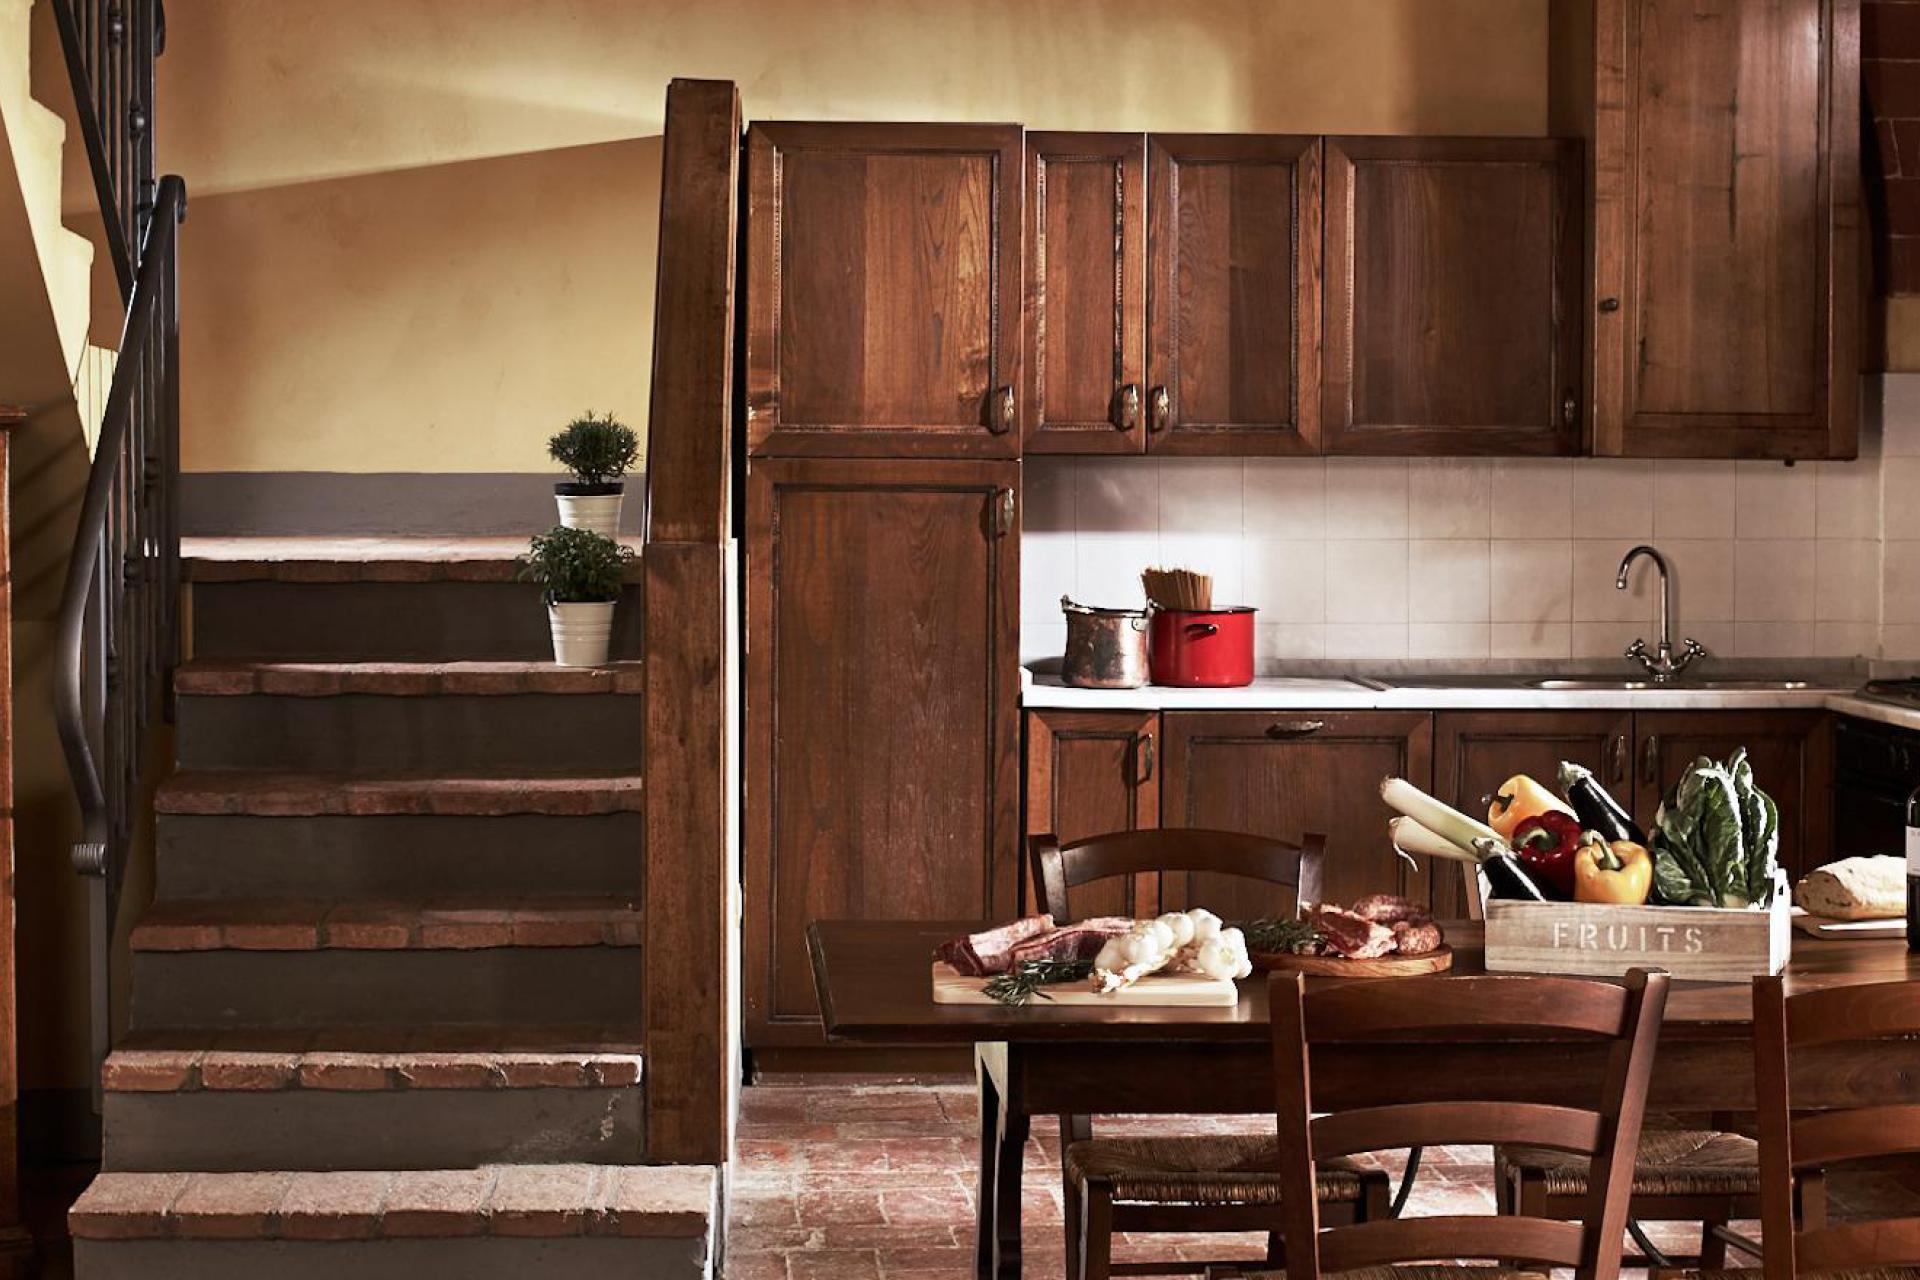 Agriturismo Toscane 11 appartementen in Toscane met restaurant en wijnbar | myitaly.nl